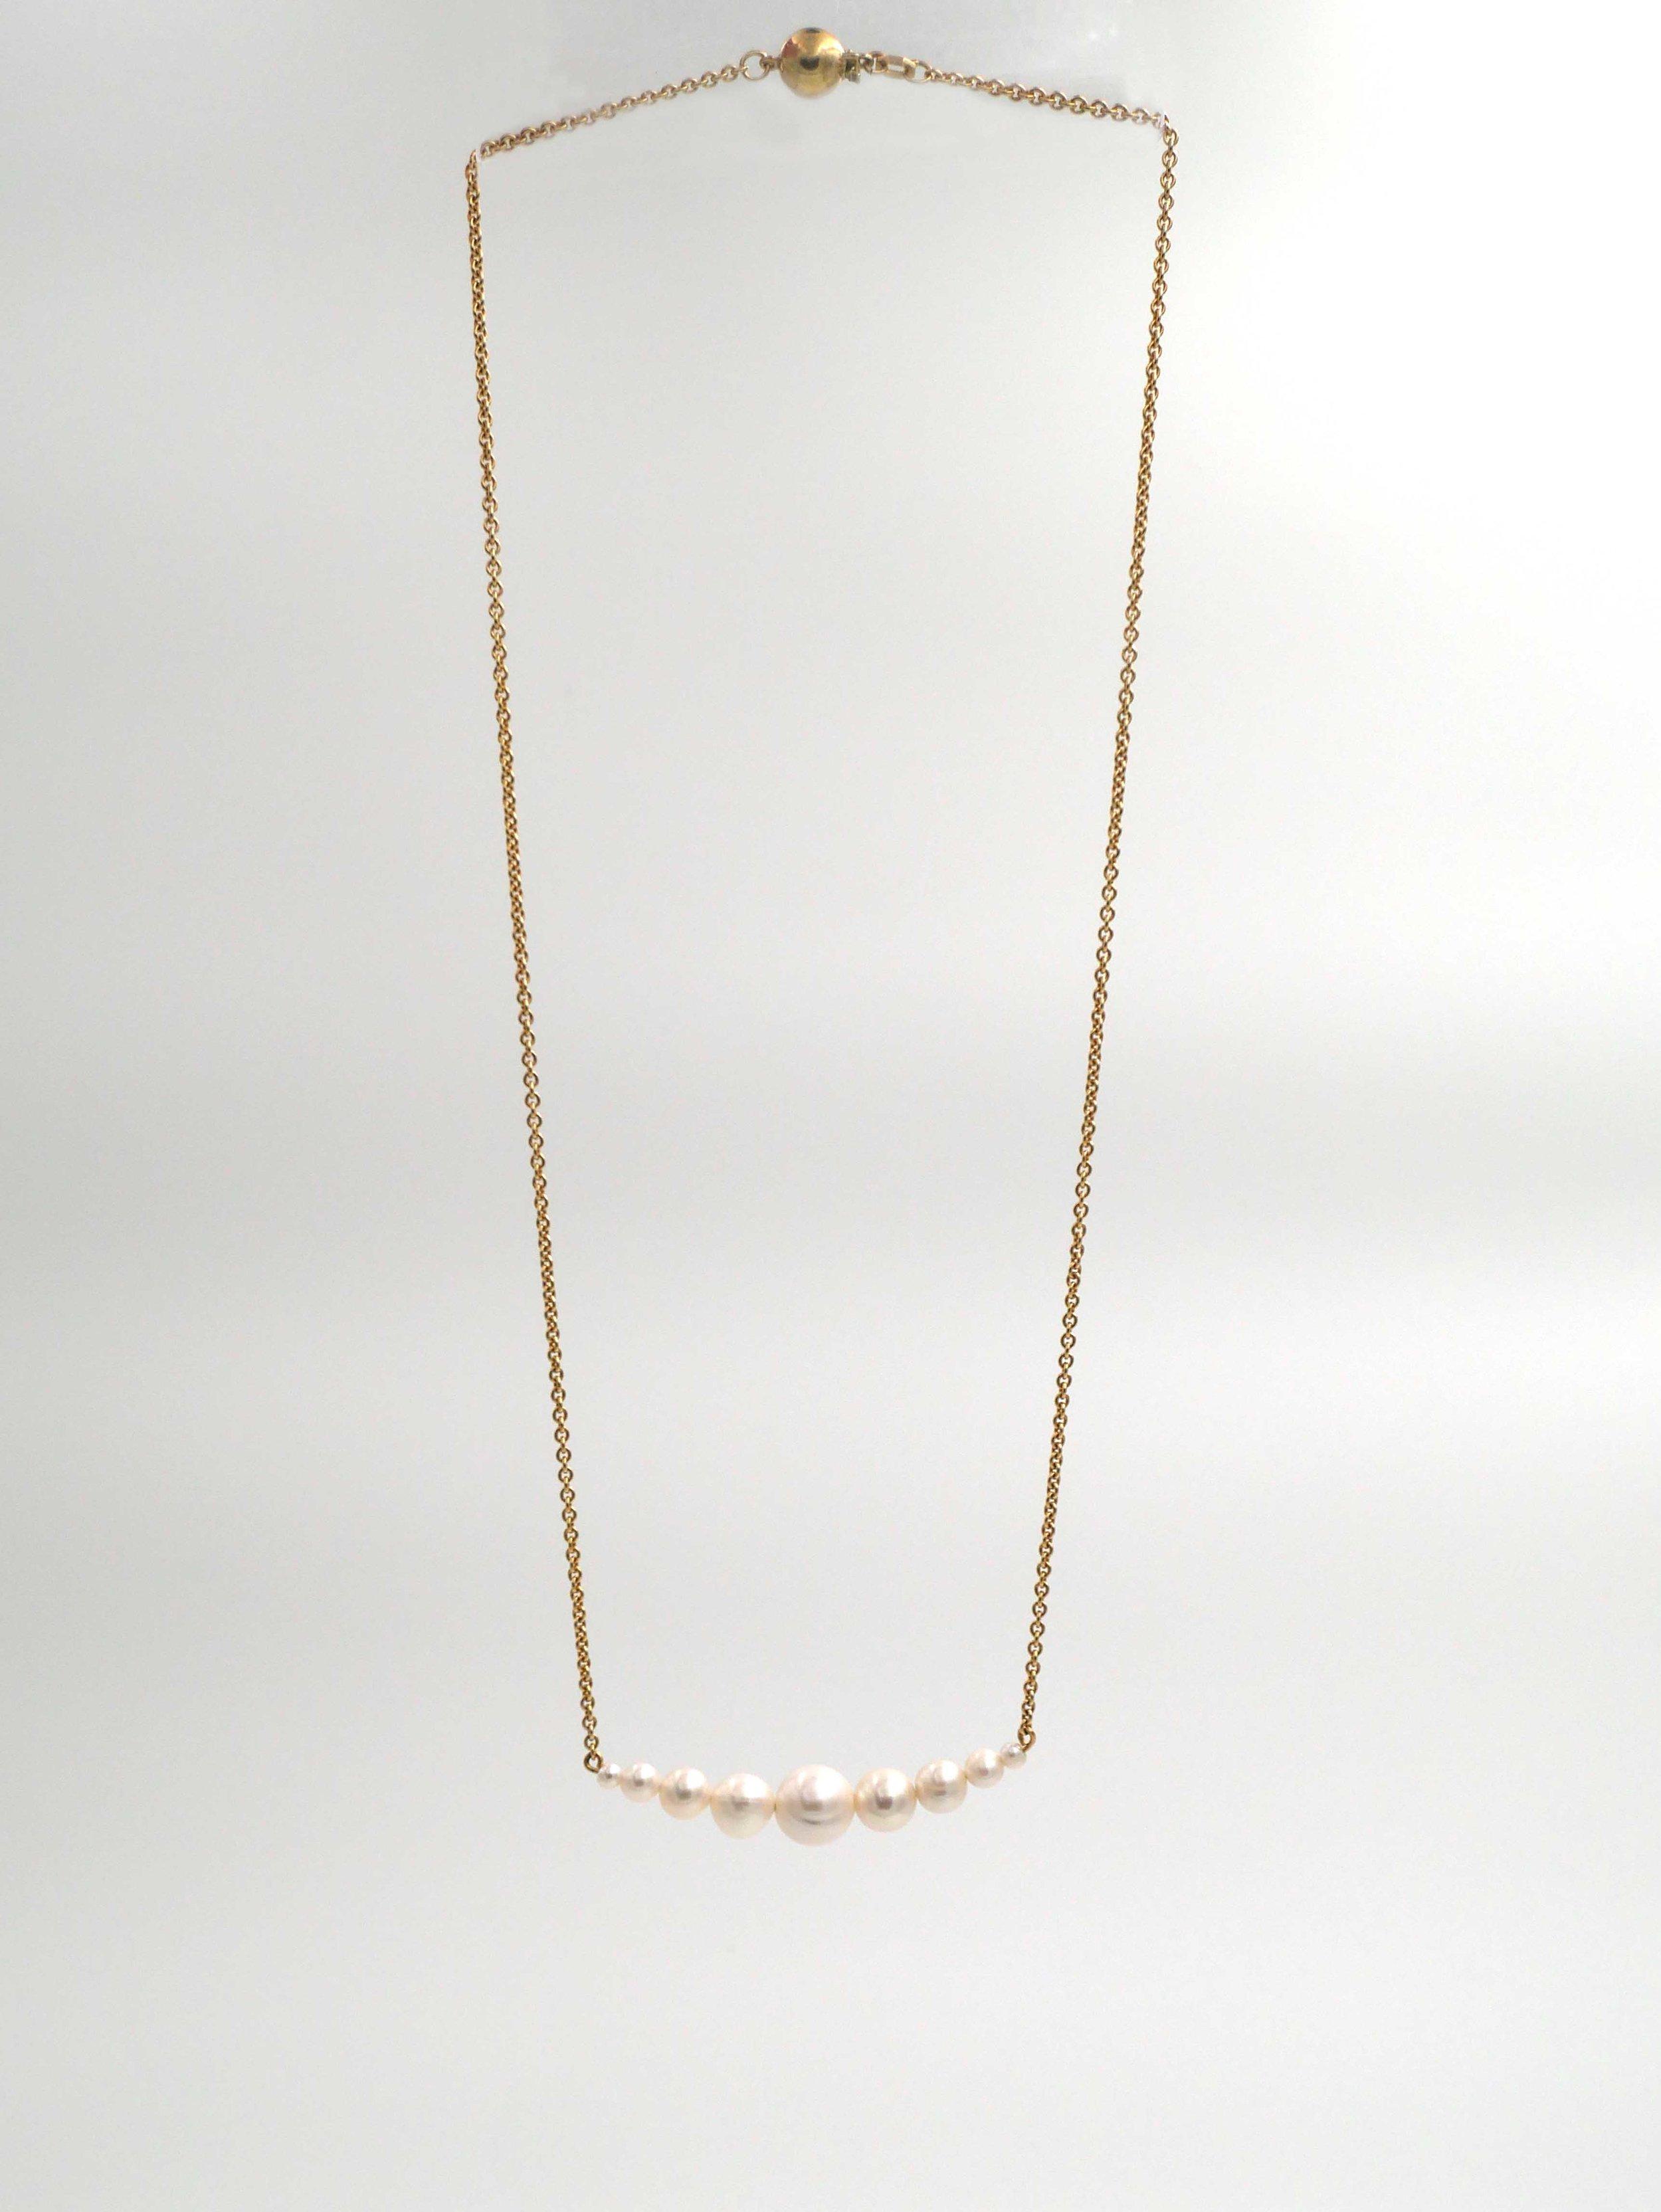 Bijoux de mariage - collier, perle de culture, chaine argent plaqué or jaune